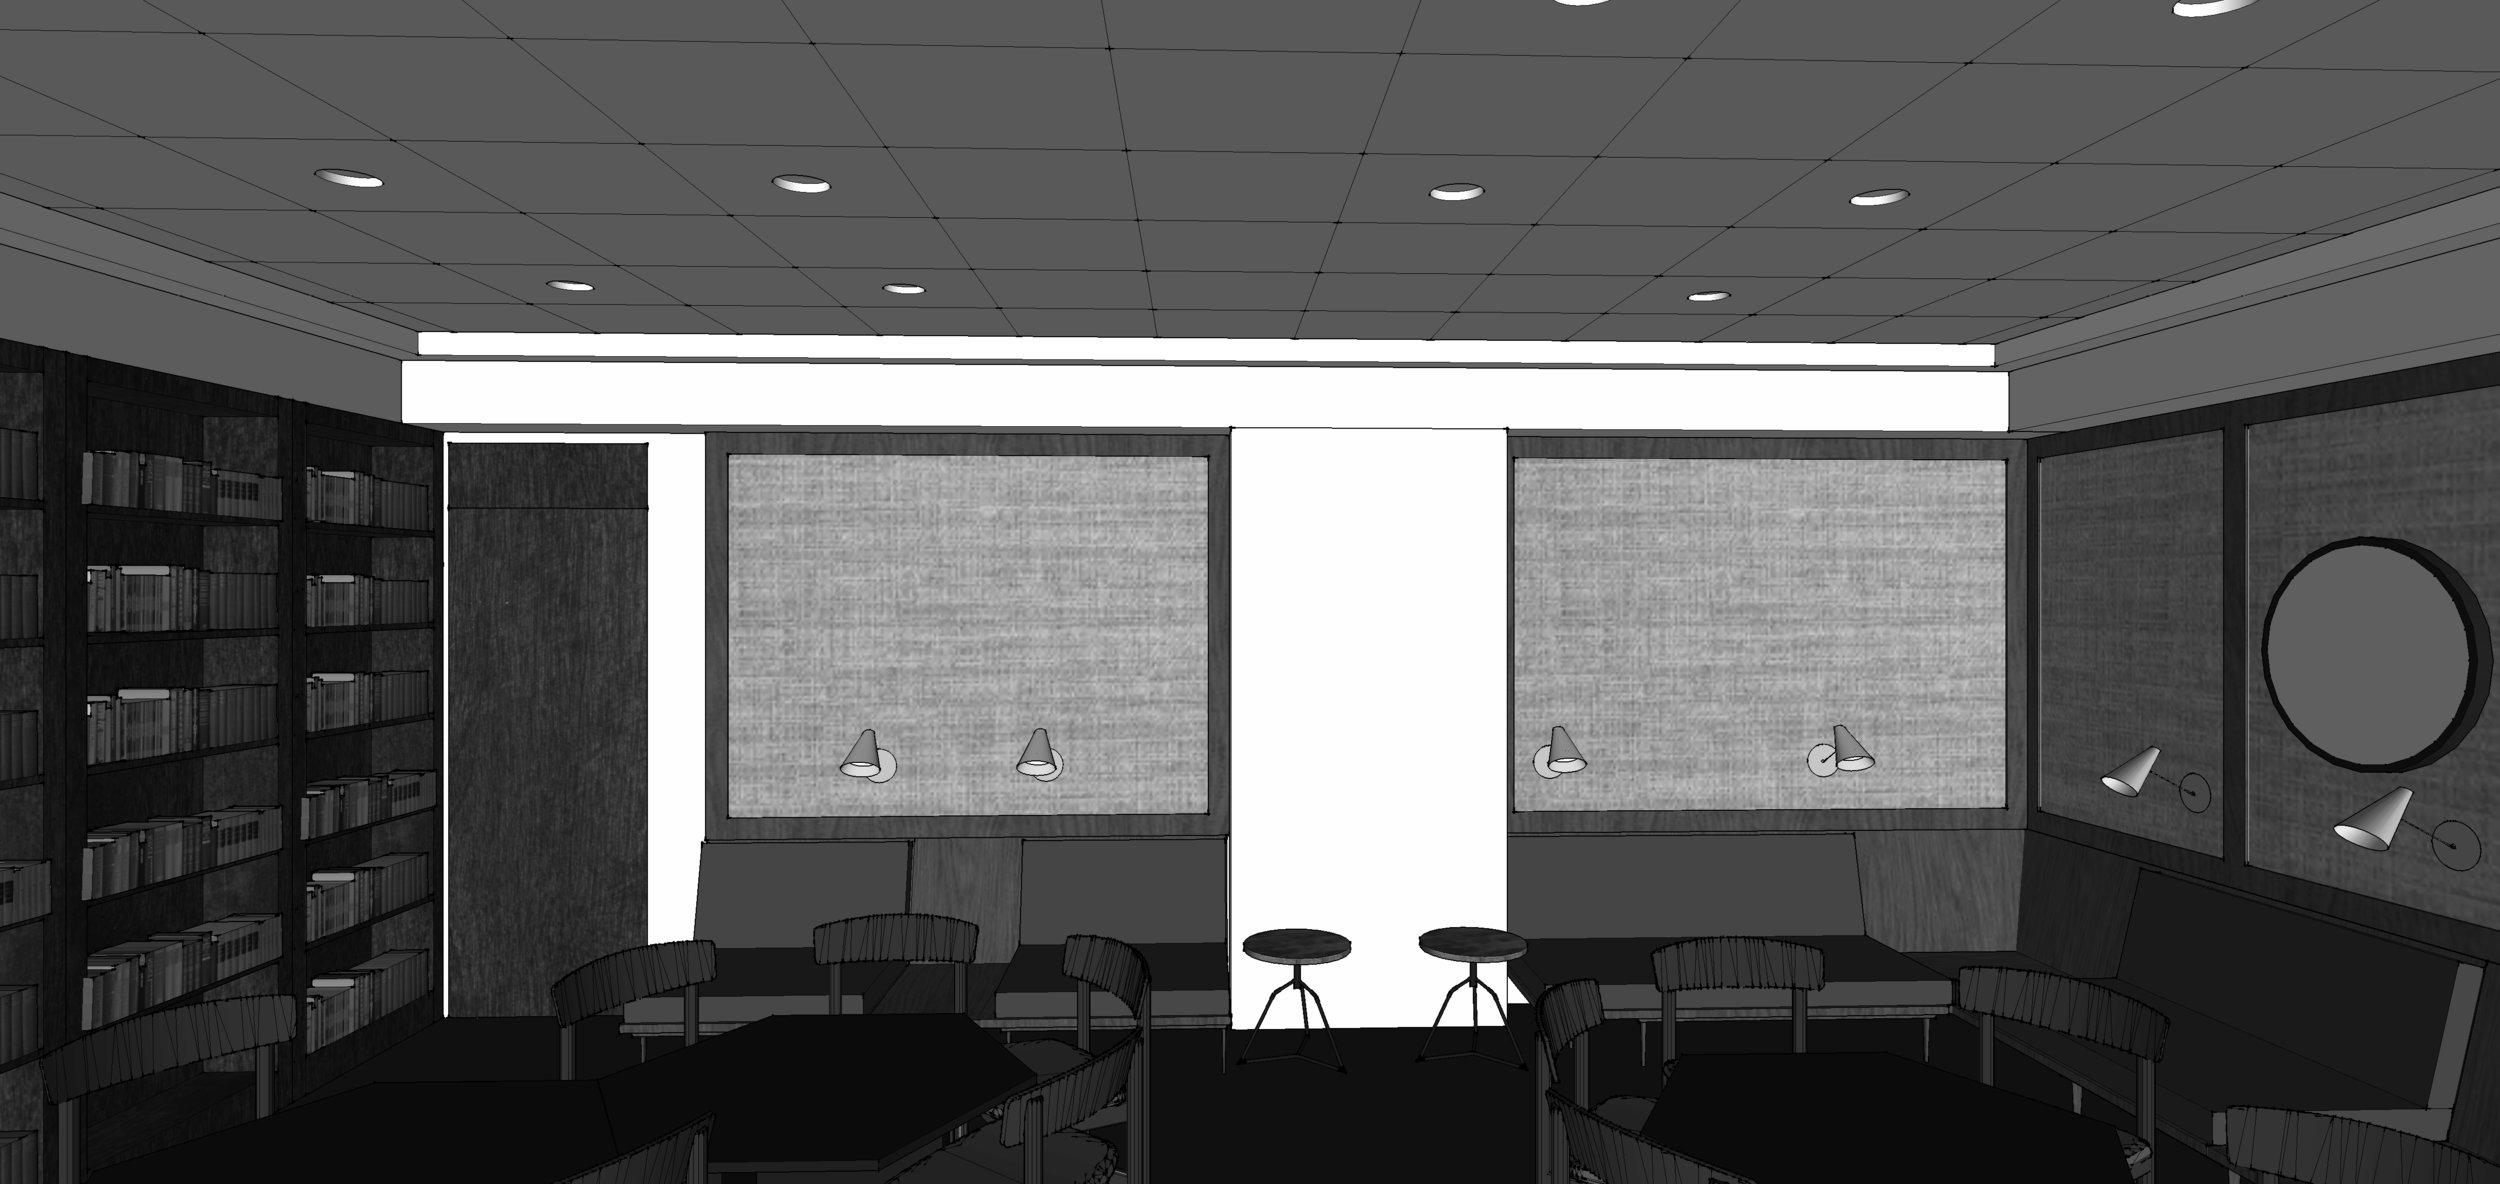 UGA School of Law_Sketchup_UpholsteredPanels_View3.jpg